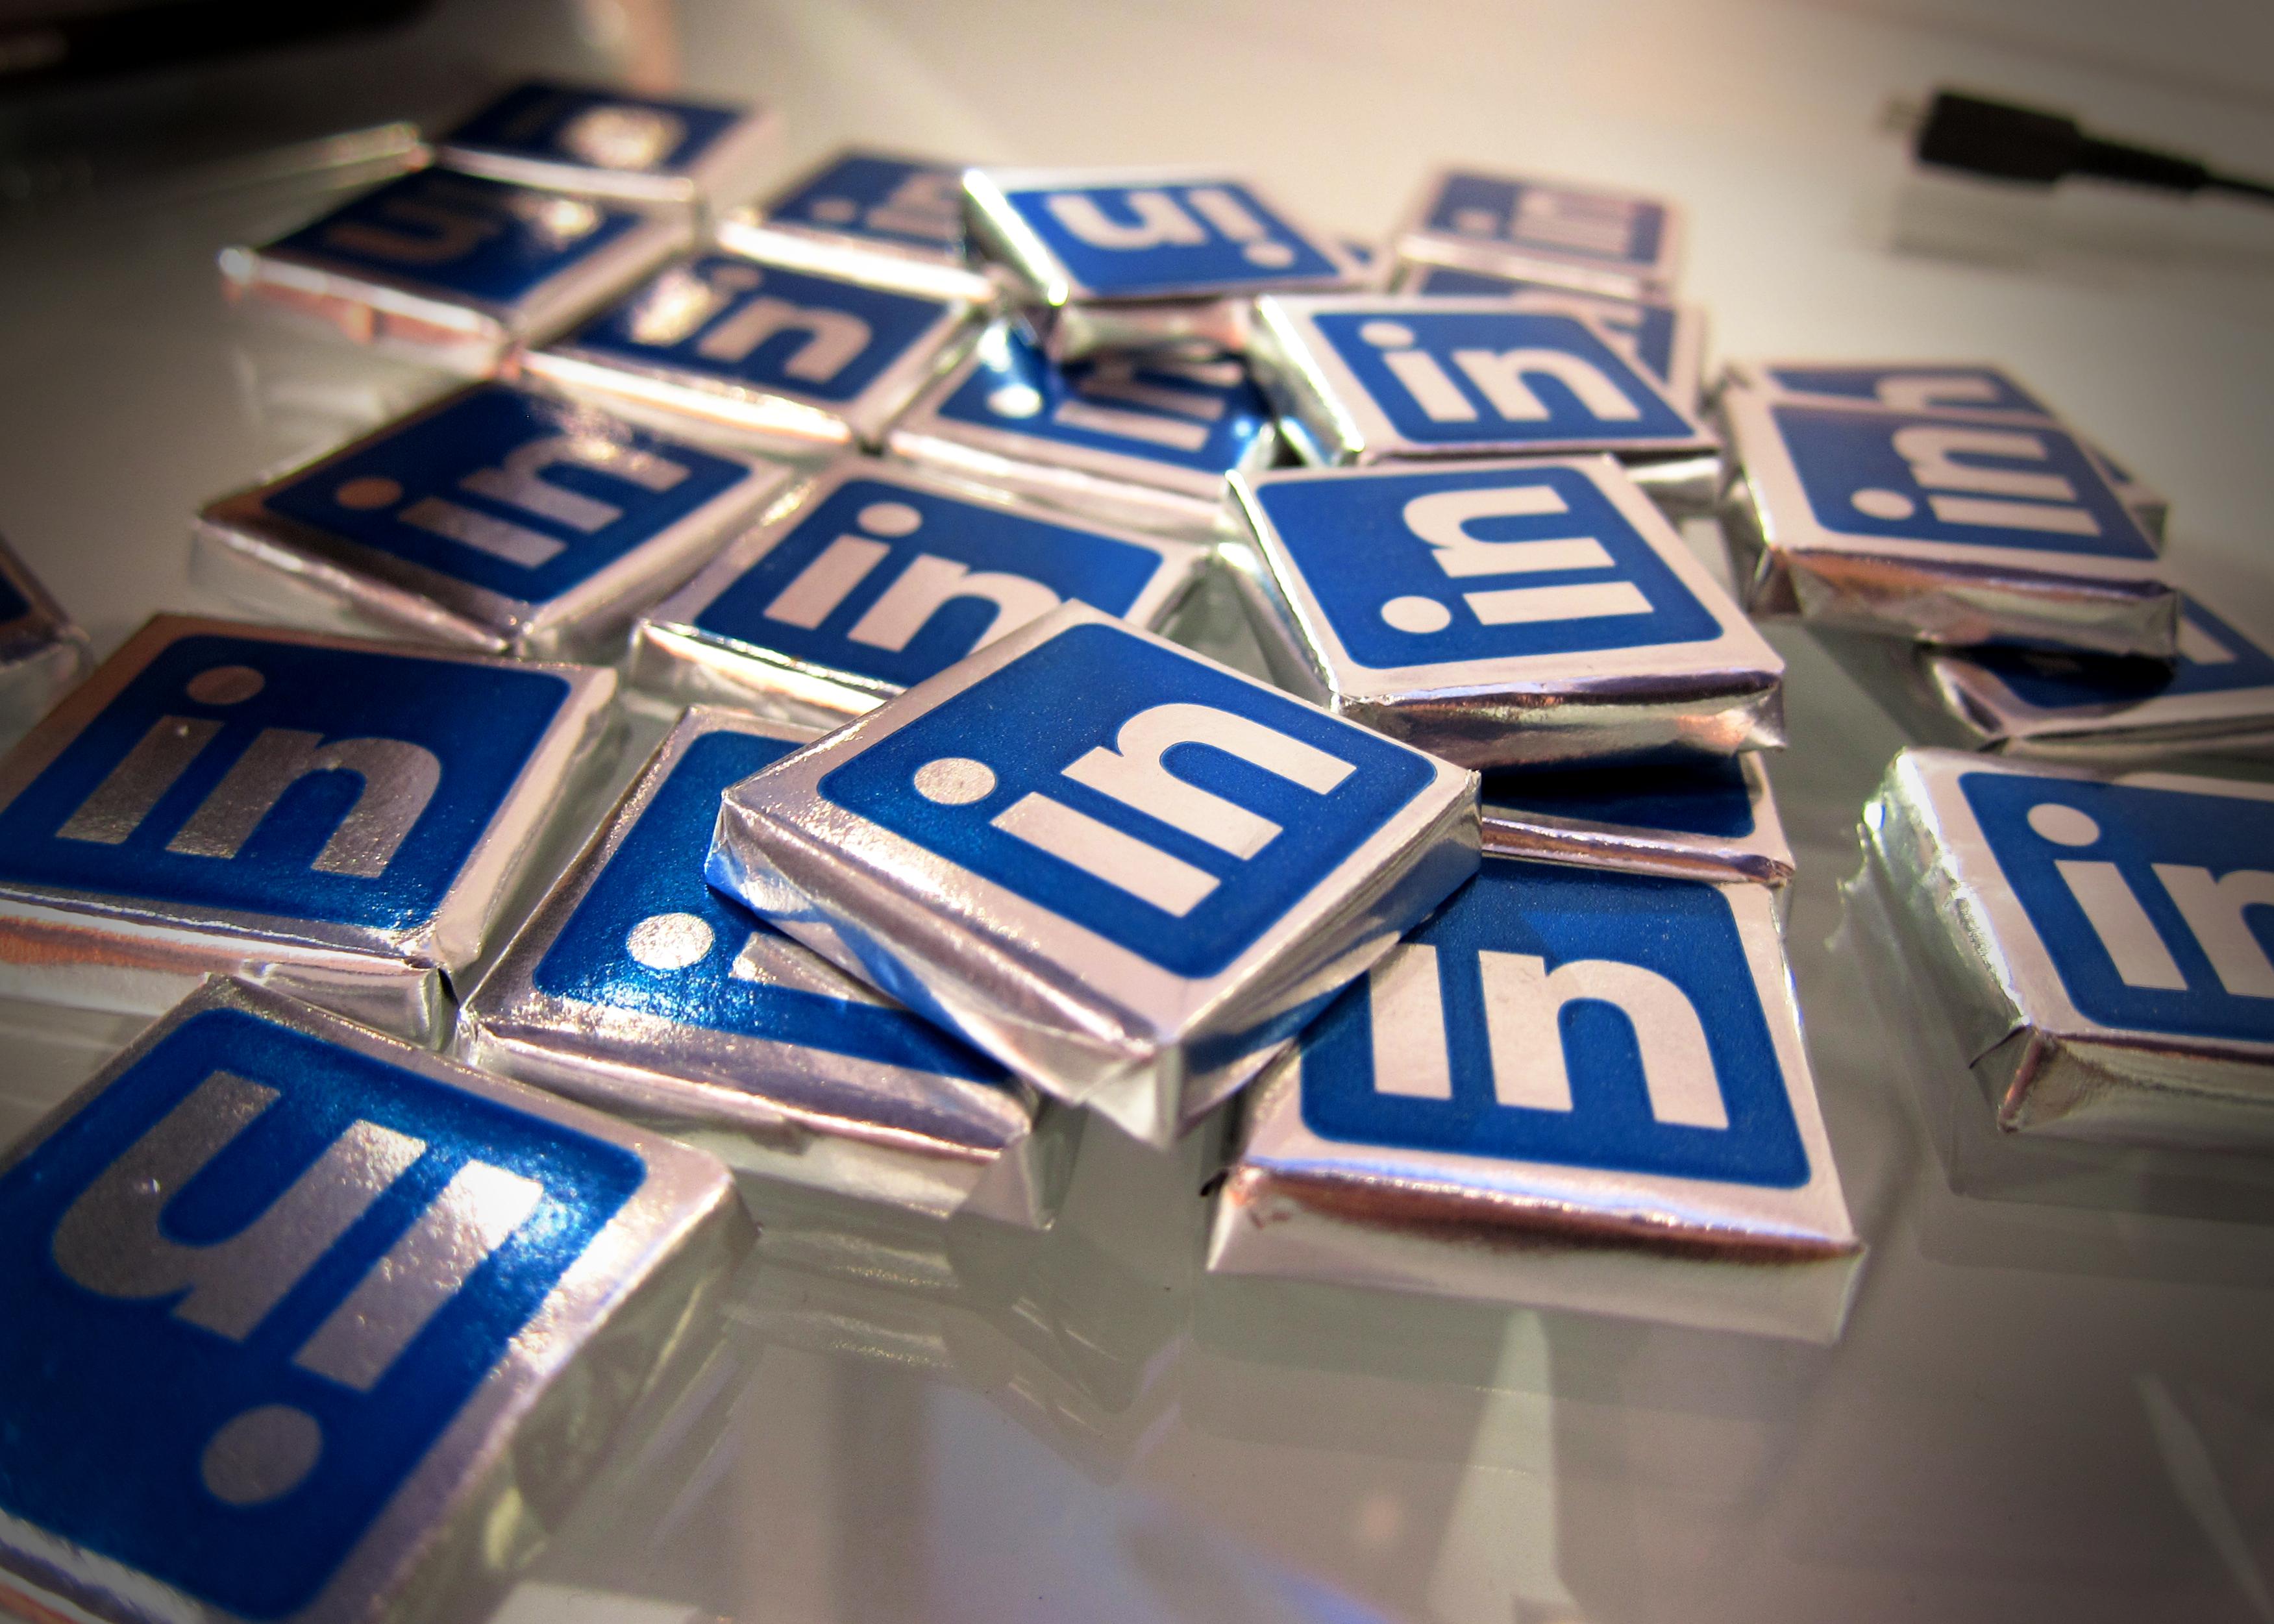 Descubre lo que la nueva app de LinkedIn puede hacer por ti - Blog ...